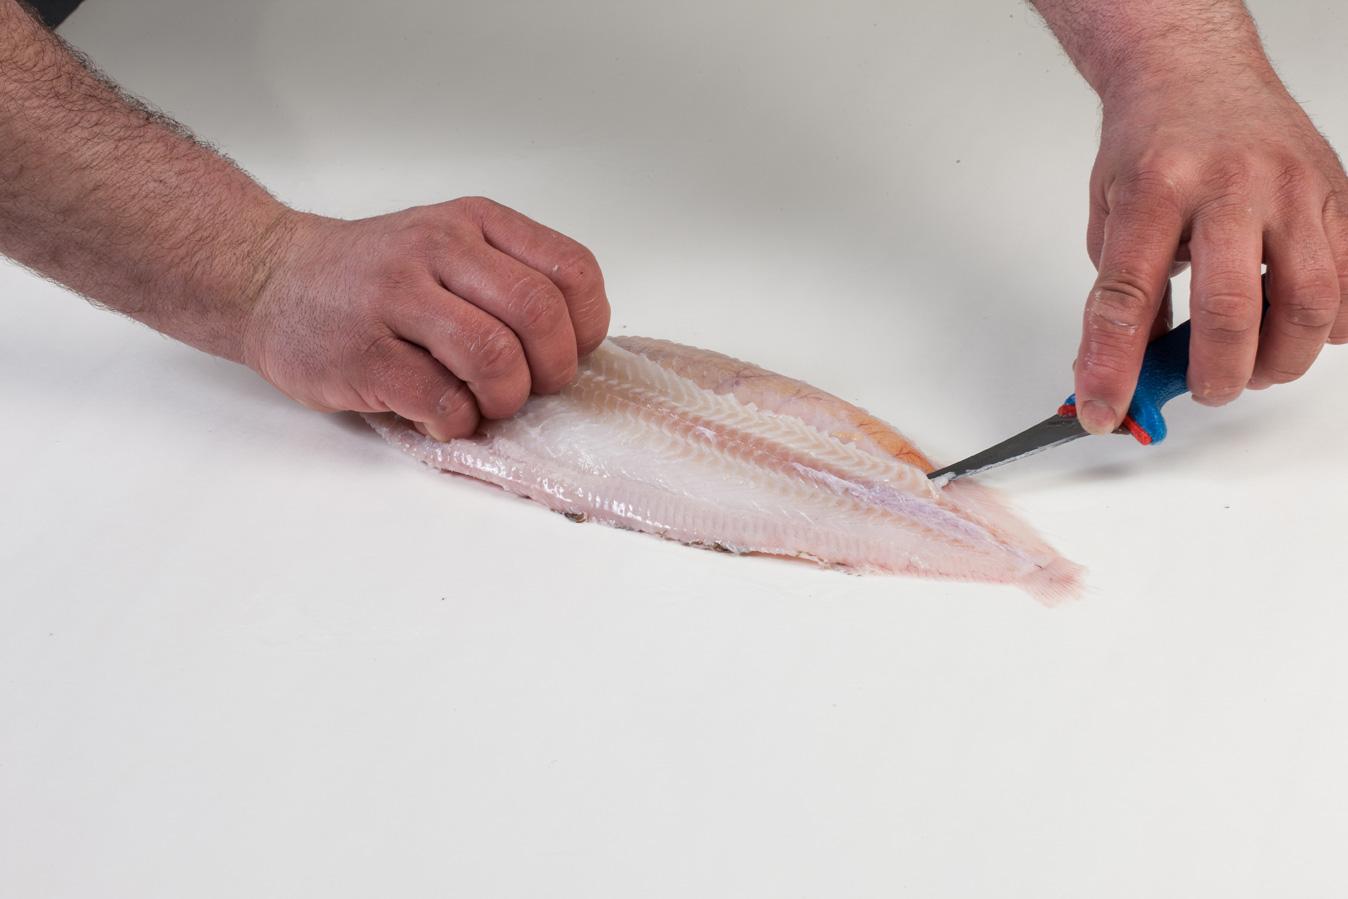 Groothandel-vis-FishXL-vis-tong_WL_9166